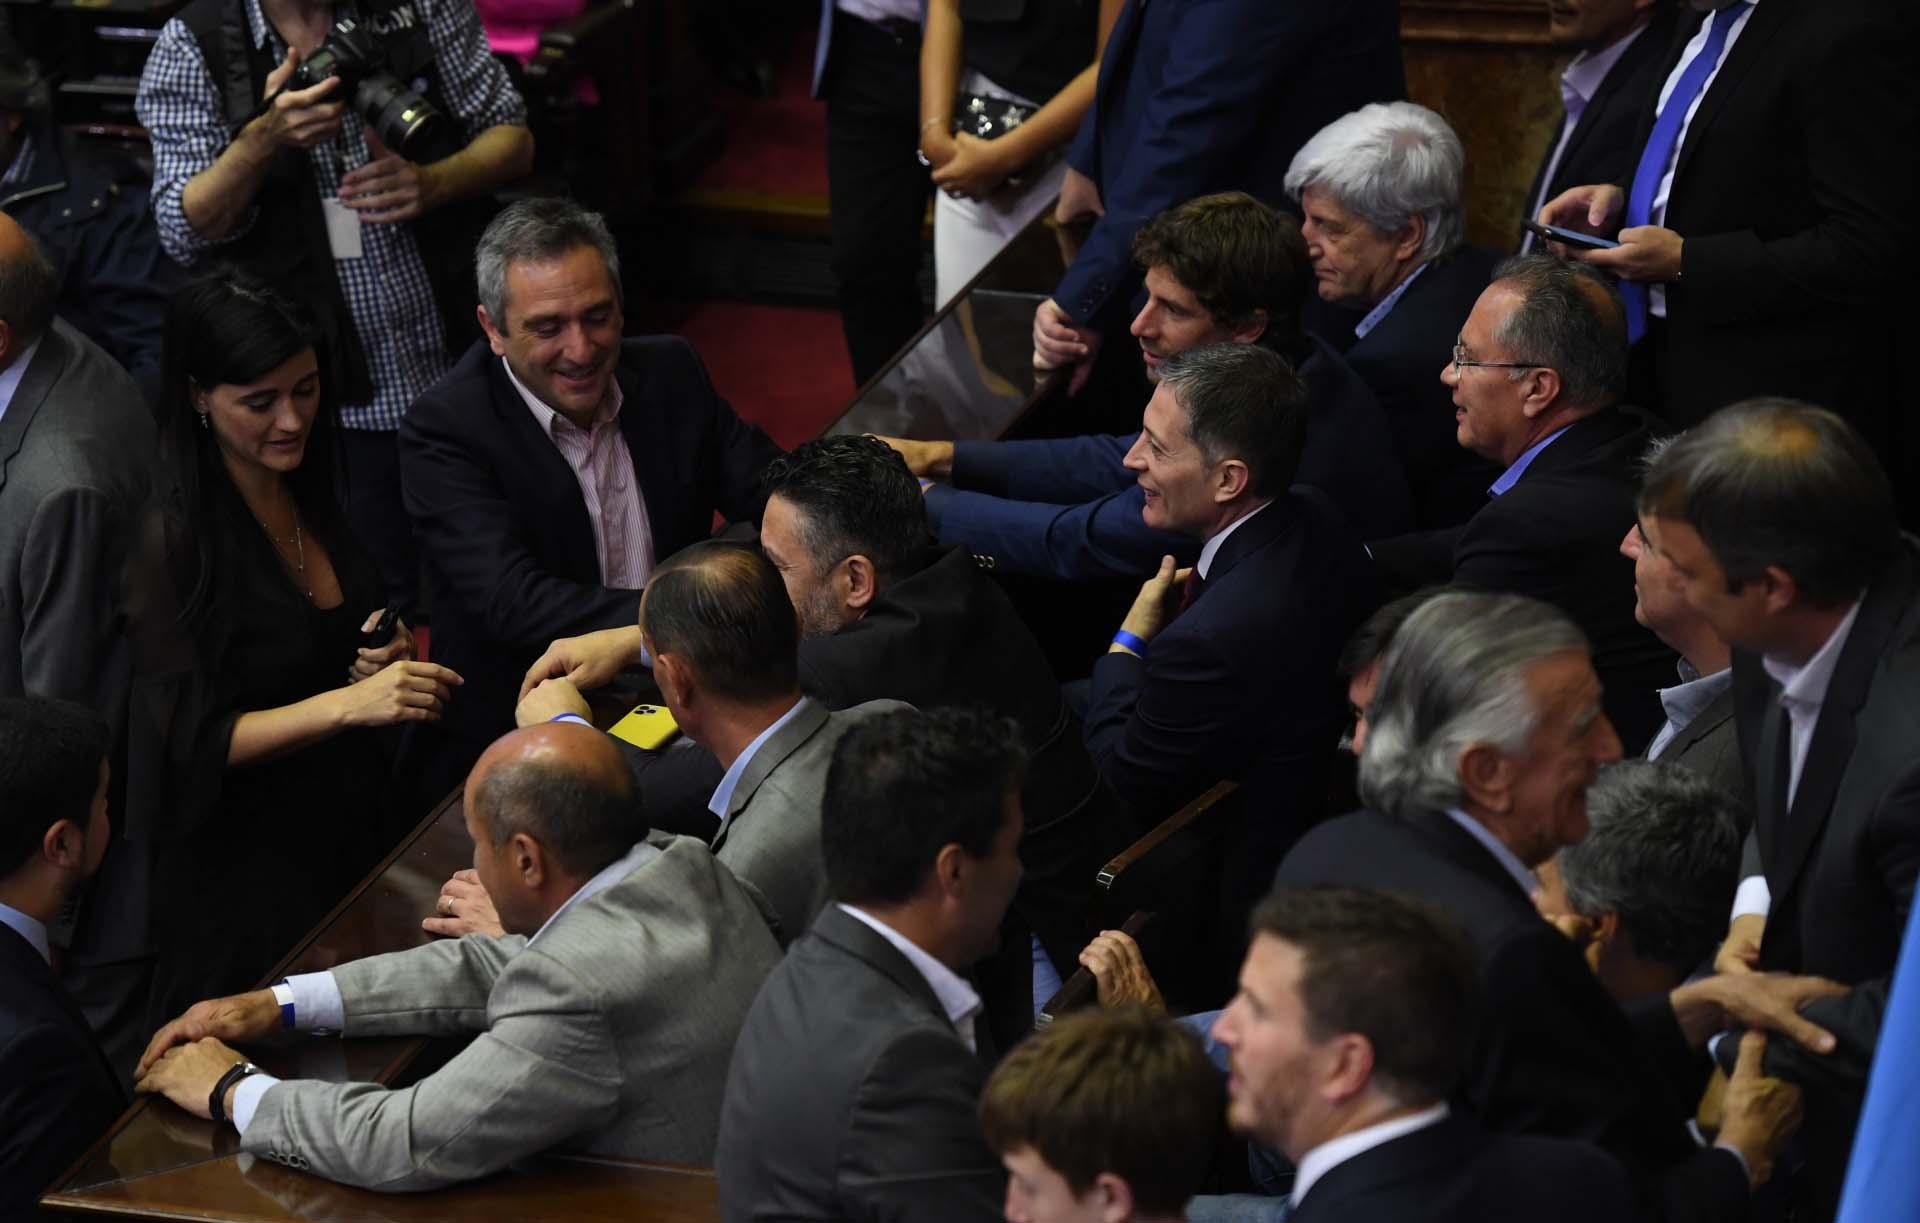 El intendente de Esteban Echeverría, Fernando Gray, junto a otros intendentes bonaerenses, presentes en el Congreso